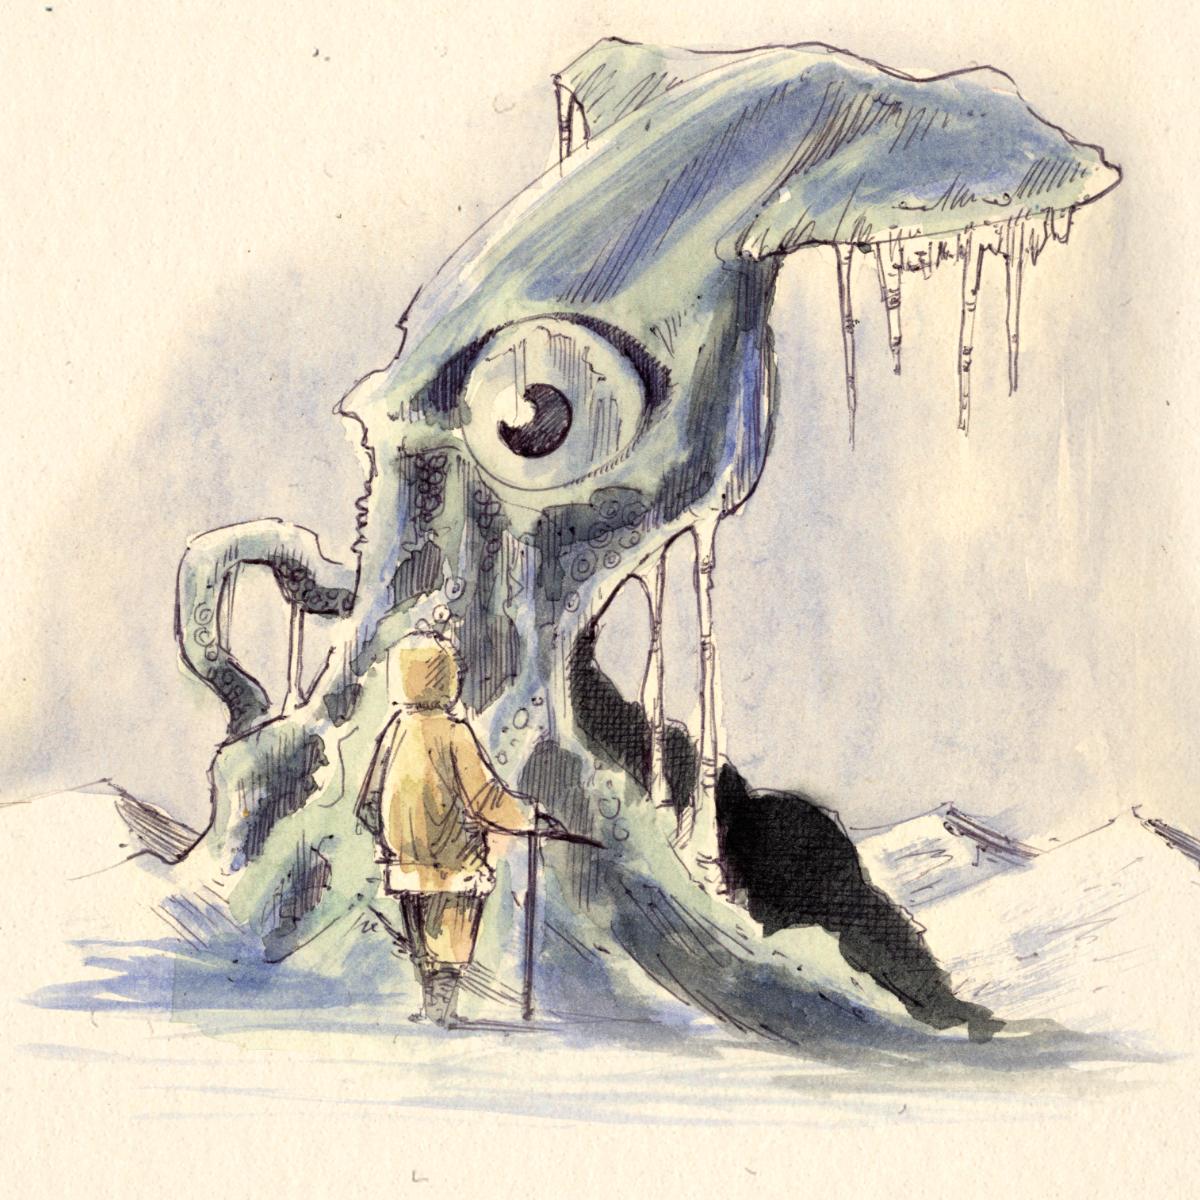 """Dr. Kolb und seien Abenteuer im Nordmeer - """"tiefgefrorene Calamare hatte ich mir anders gewünscht"""" dachte sich Dr. Kolb und schämte sich sogleich für diesen Gedanken. Allerdings nicht besonders."""